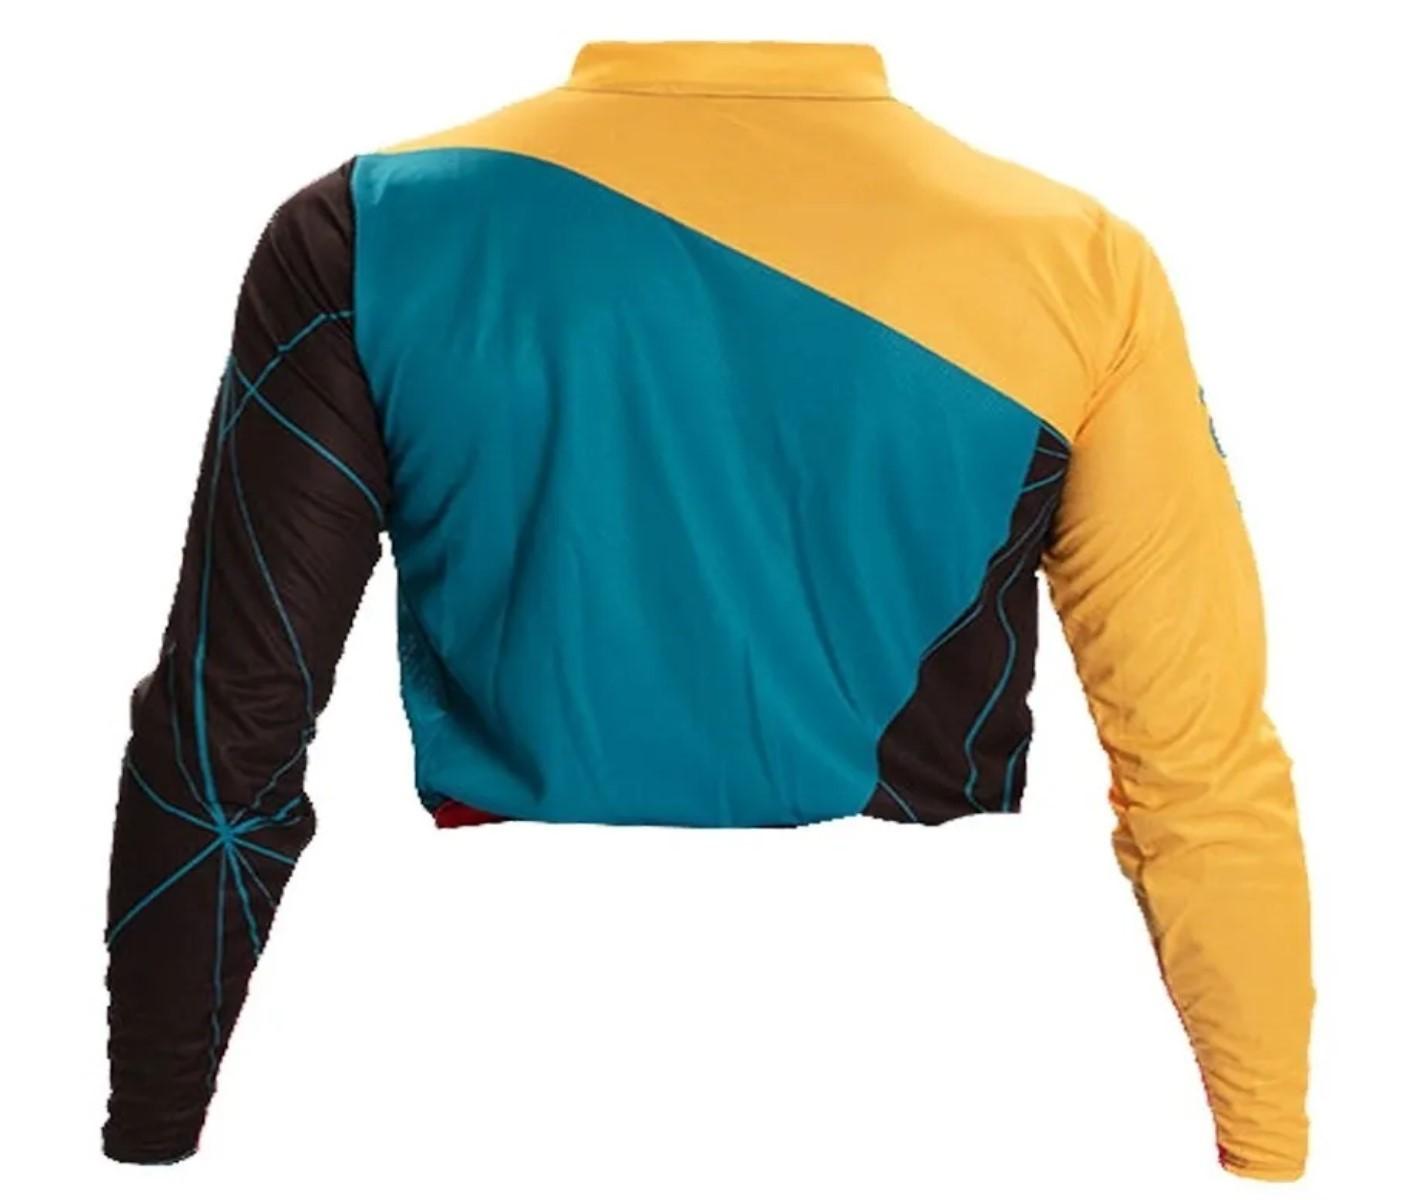 Camisa ASW Image Dart Amarelo Vermelho Enduro